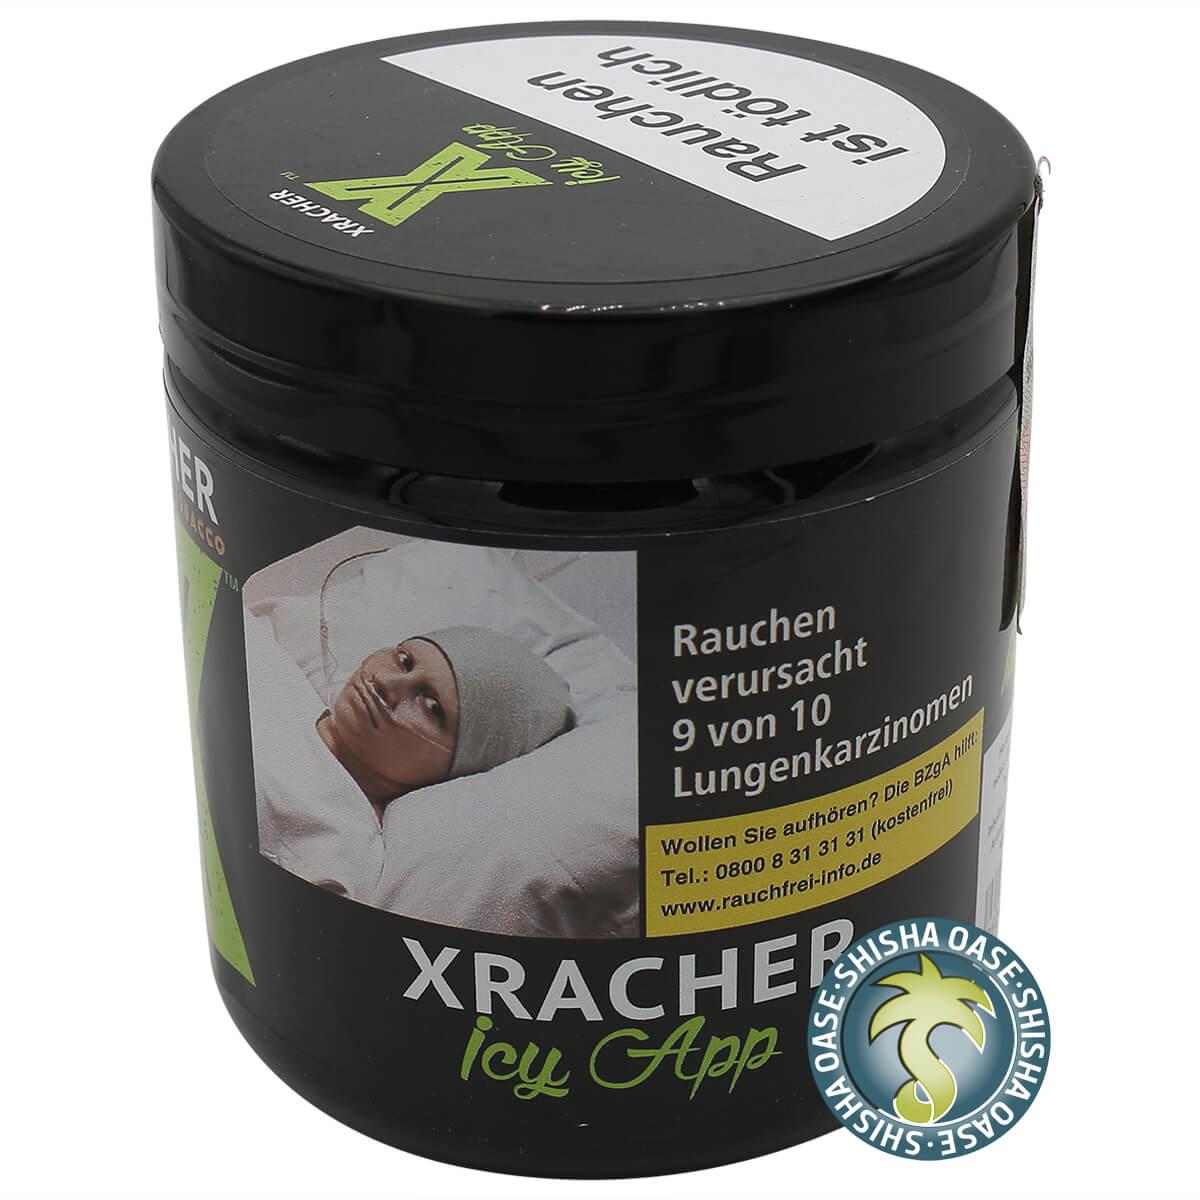 XRacher Tobacco - Icy App 200g